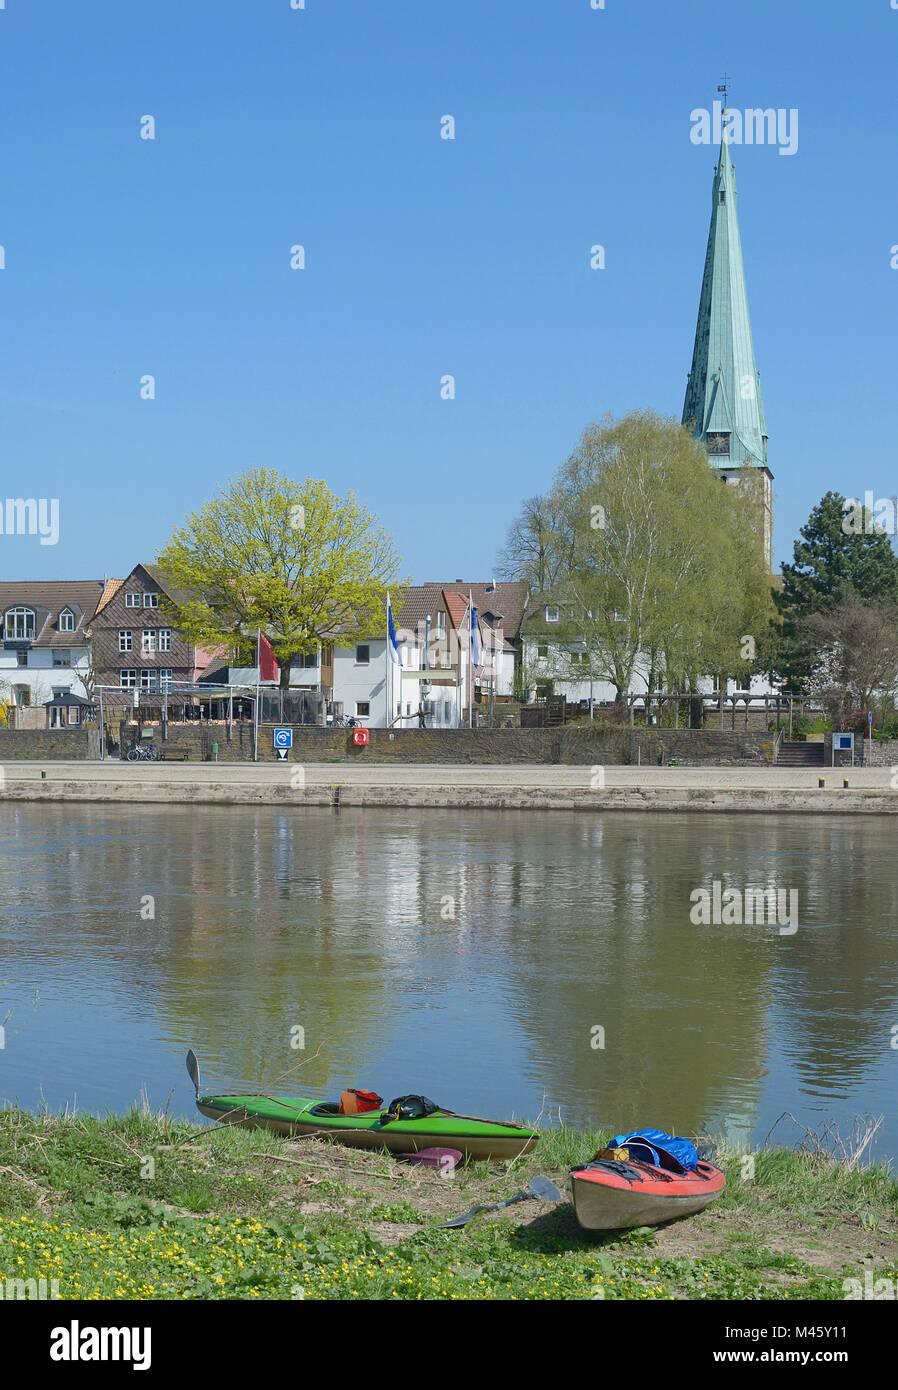 Holzminden in Weserbergland,Lower Saxony,Germany - Stock Image